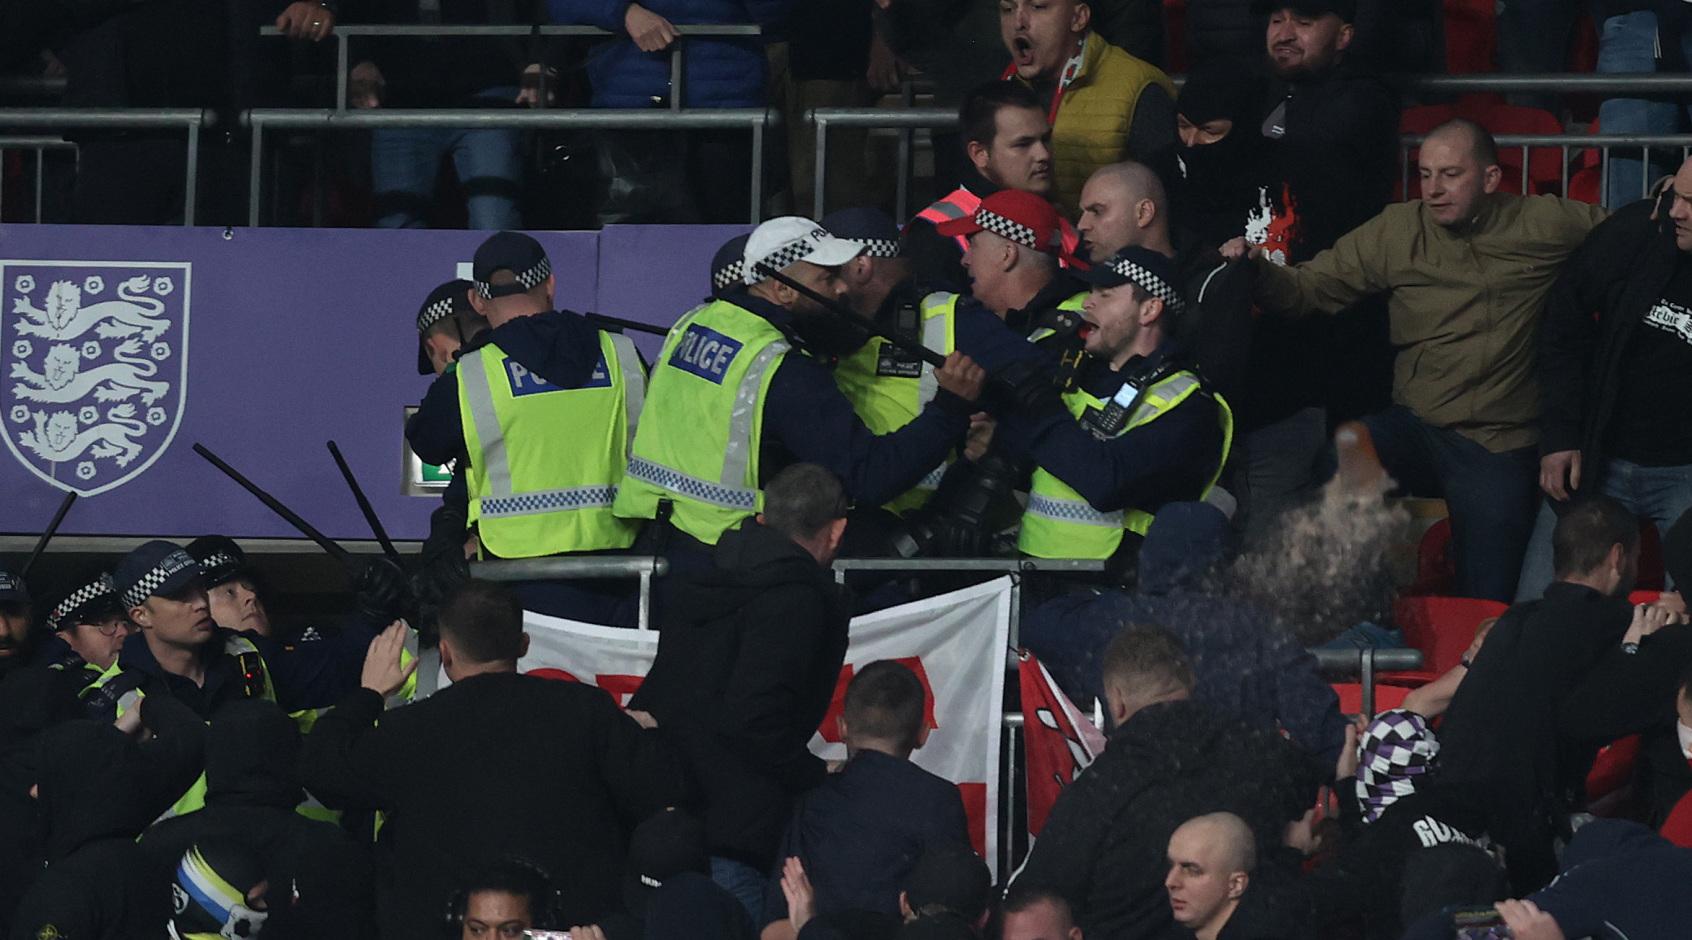 Во время матча Англия - Венгрия произошли столкновения полиции и болельщиков